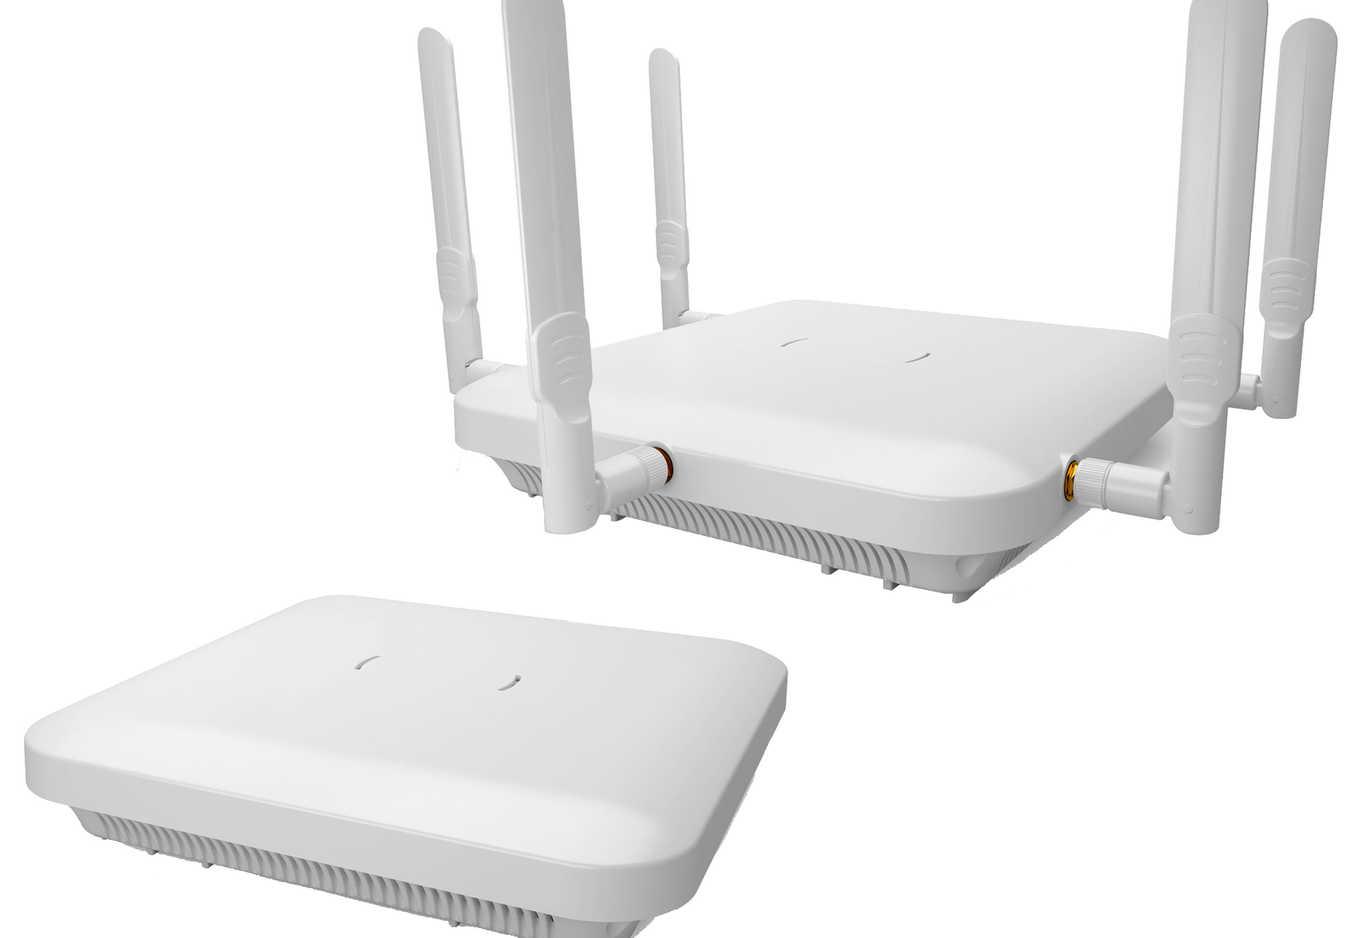 Los nuevos puntos de acceso empresariales de Zebra incrementan el rendimiento de las redes Wireless